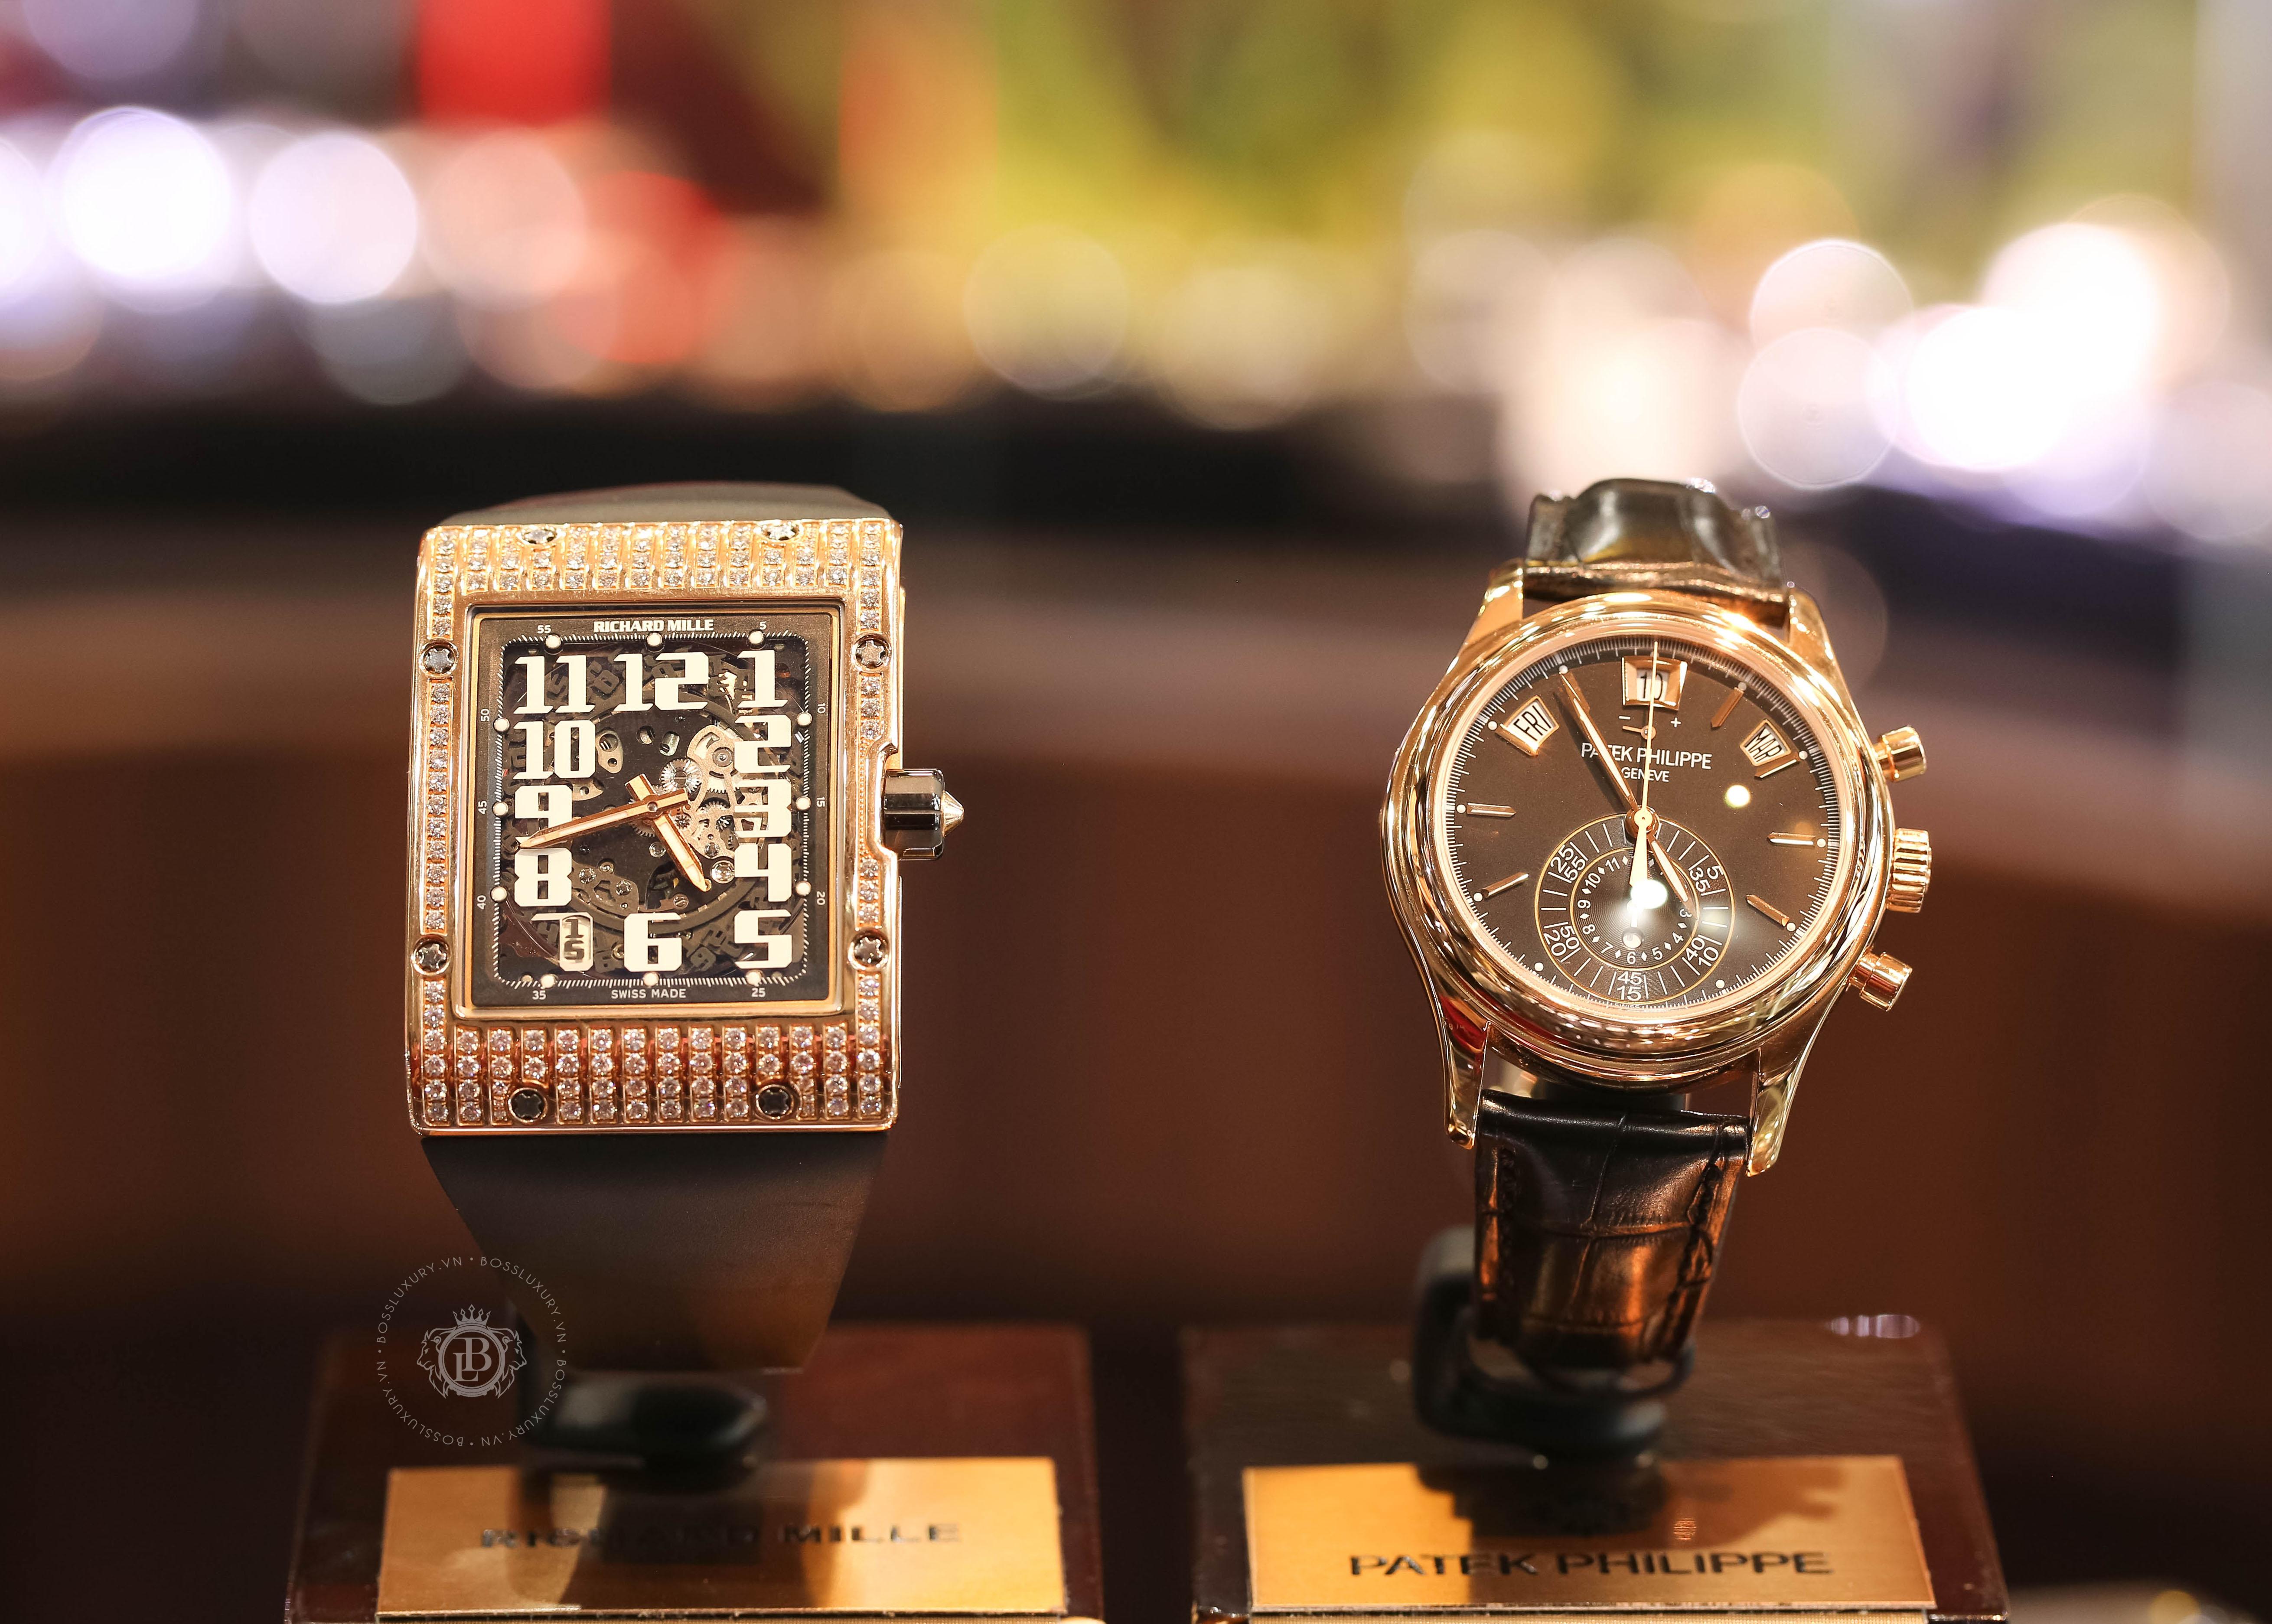 Địa chỉ bán đồng hồ Patek Philippe đẳng cấp, uy tín tại Hà Nội